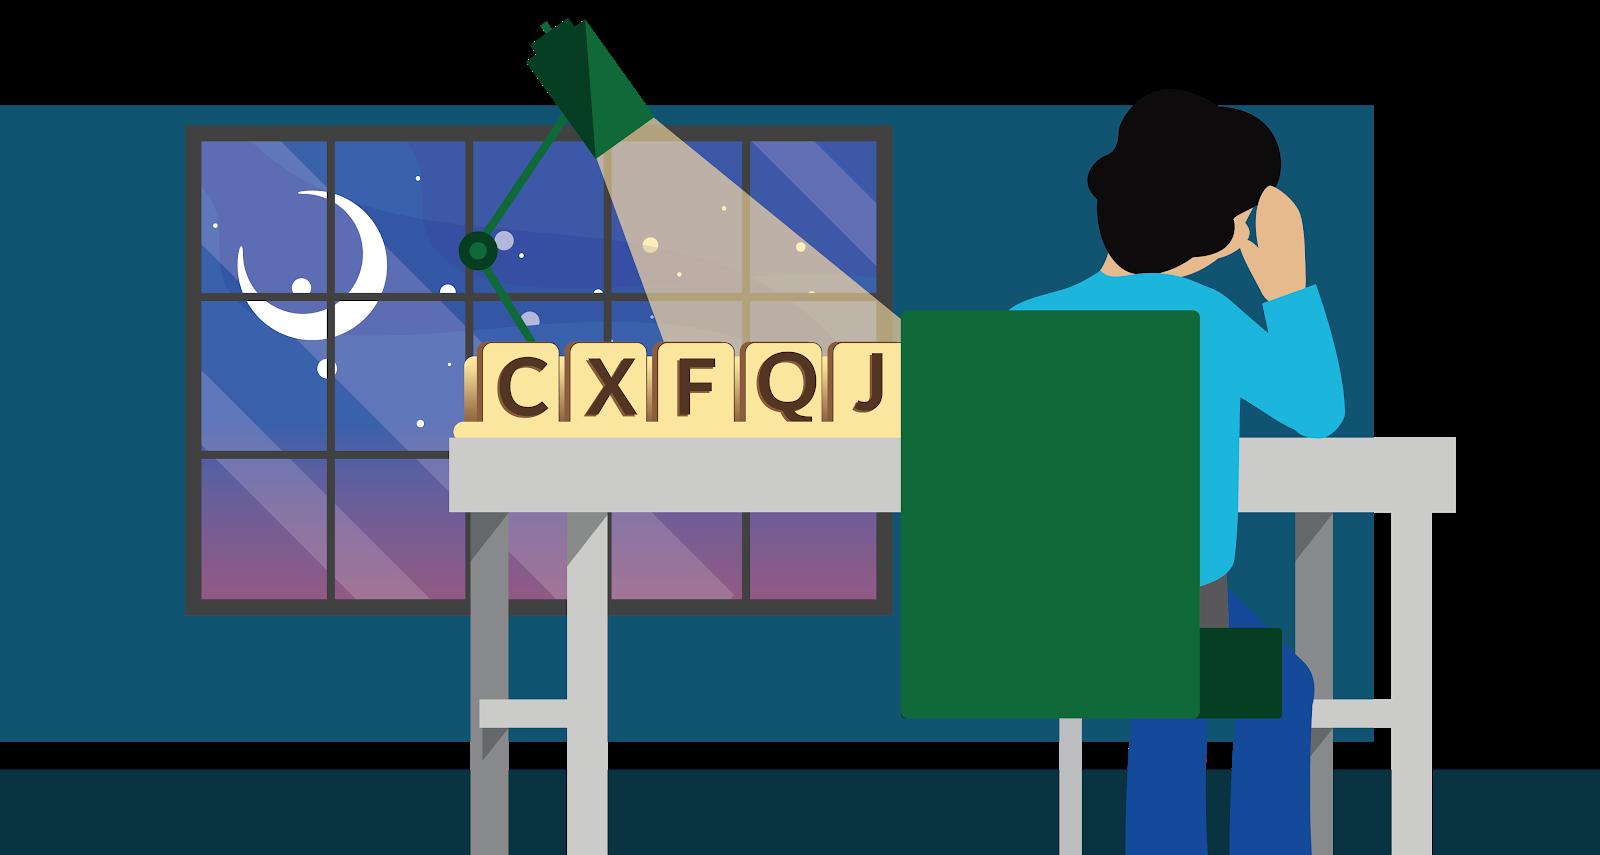 Person am Schreibtisch mit riesigen Scrabble-Buchstaben: CXFQJ